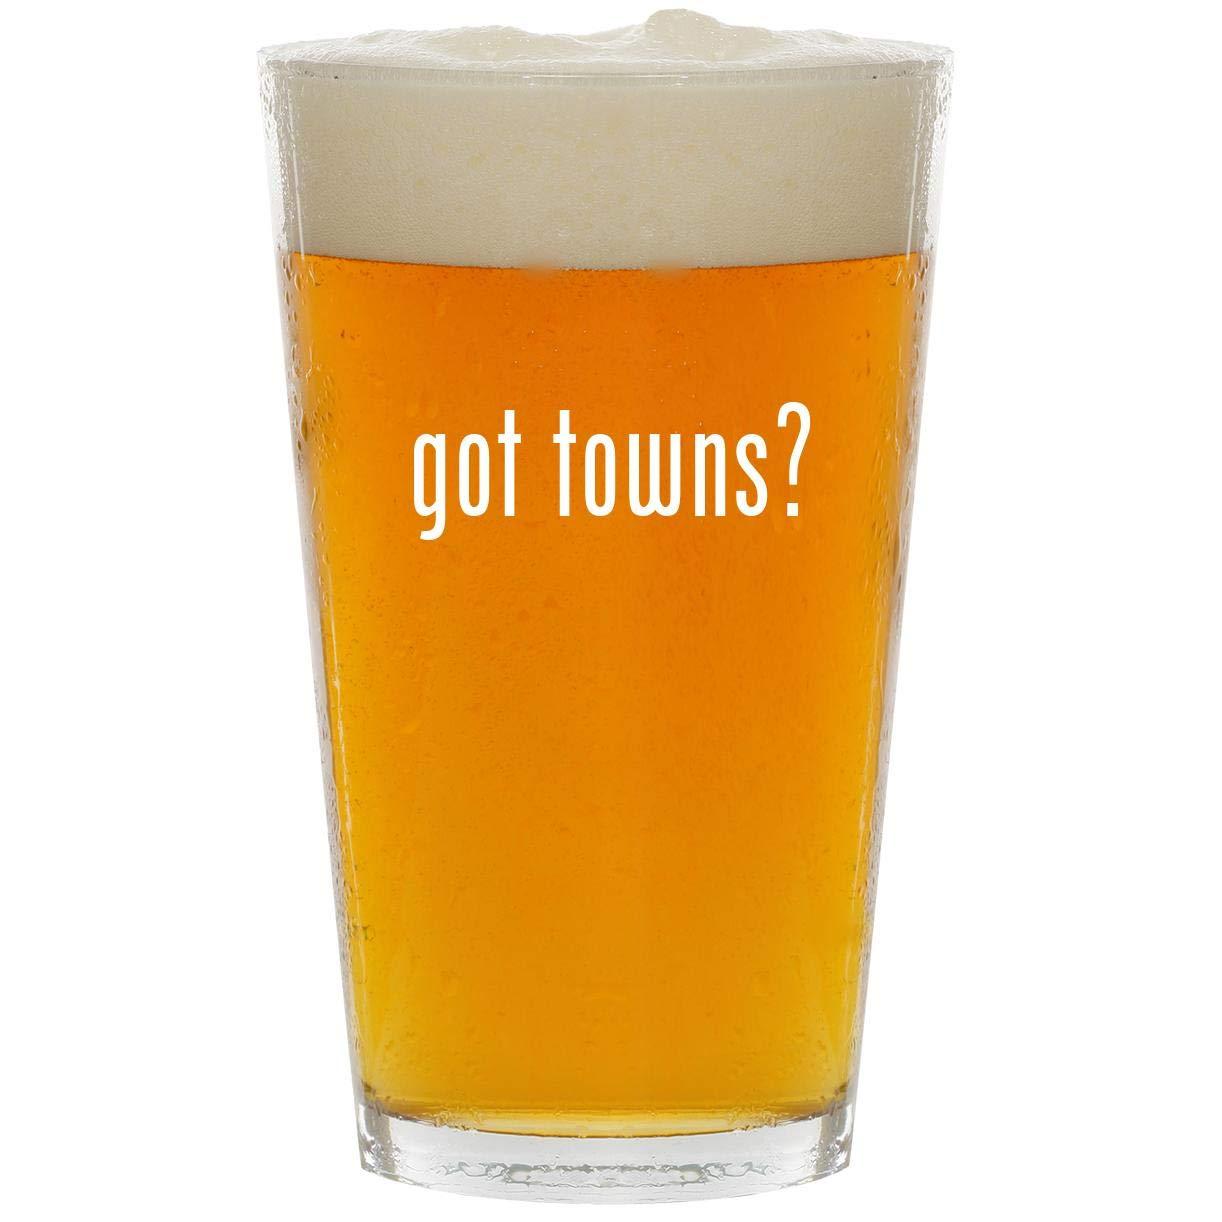 got towns? - Glass 16oz Beer Pint